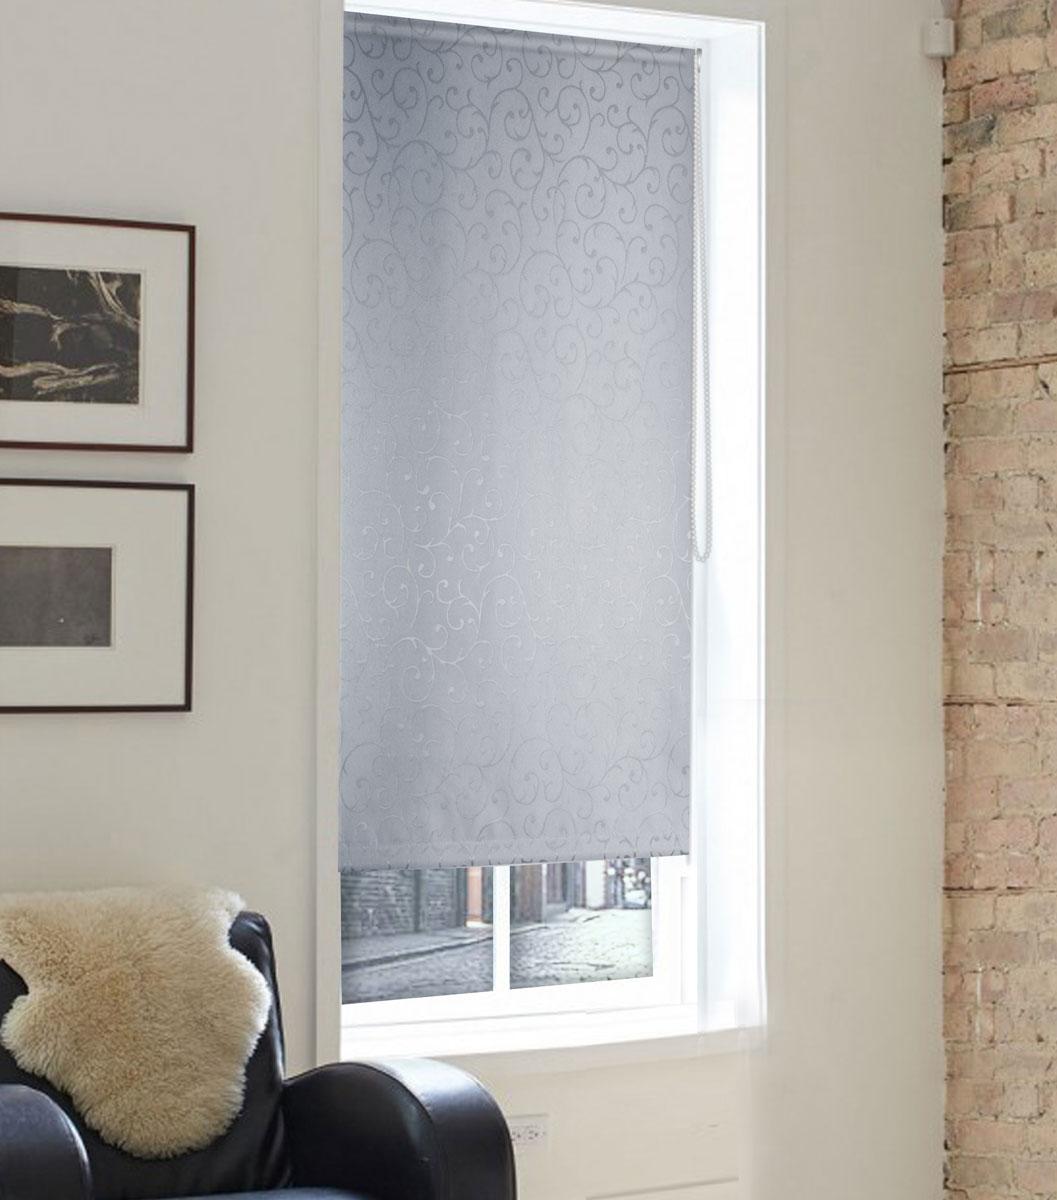 Штора рулонная Эскар Миниролло. Агат, цвет: серый, ширина 83 см, высота 160 см81209080170Рулонная штора Эскар Миниролло. Агат выполнена из высокопрочной ткани,которая сохраняет свой размер даже при намокании. Ткань не выцветает иобладает отличной цветоустойчивостью.Миниролло - это подвид рулонных штор, который закрывает не весь оконныйпроем, а непосредственно само стекло. Такие шторы крепятся на раму безсверления при помощи зажимов или клейкой двухсторонней ленты. Окно остаетсяна гарантии, благодаря монтажу без сверления.Такая штора станет прекрасным элементом декора окна и гармонично впишется винтерьер любого помещения.